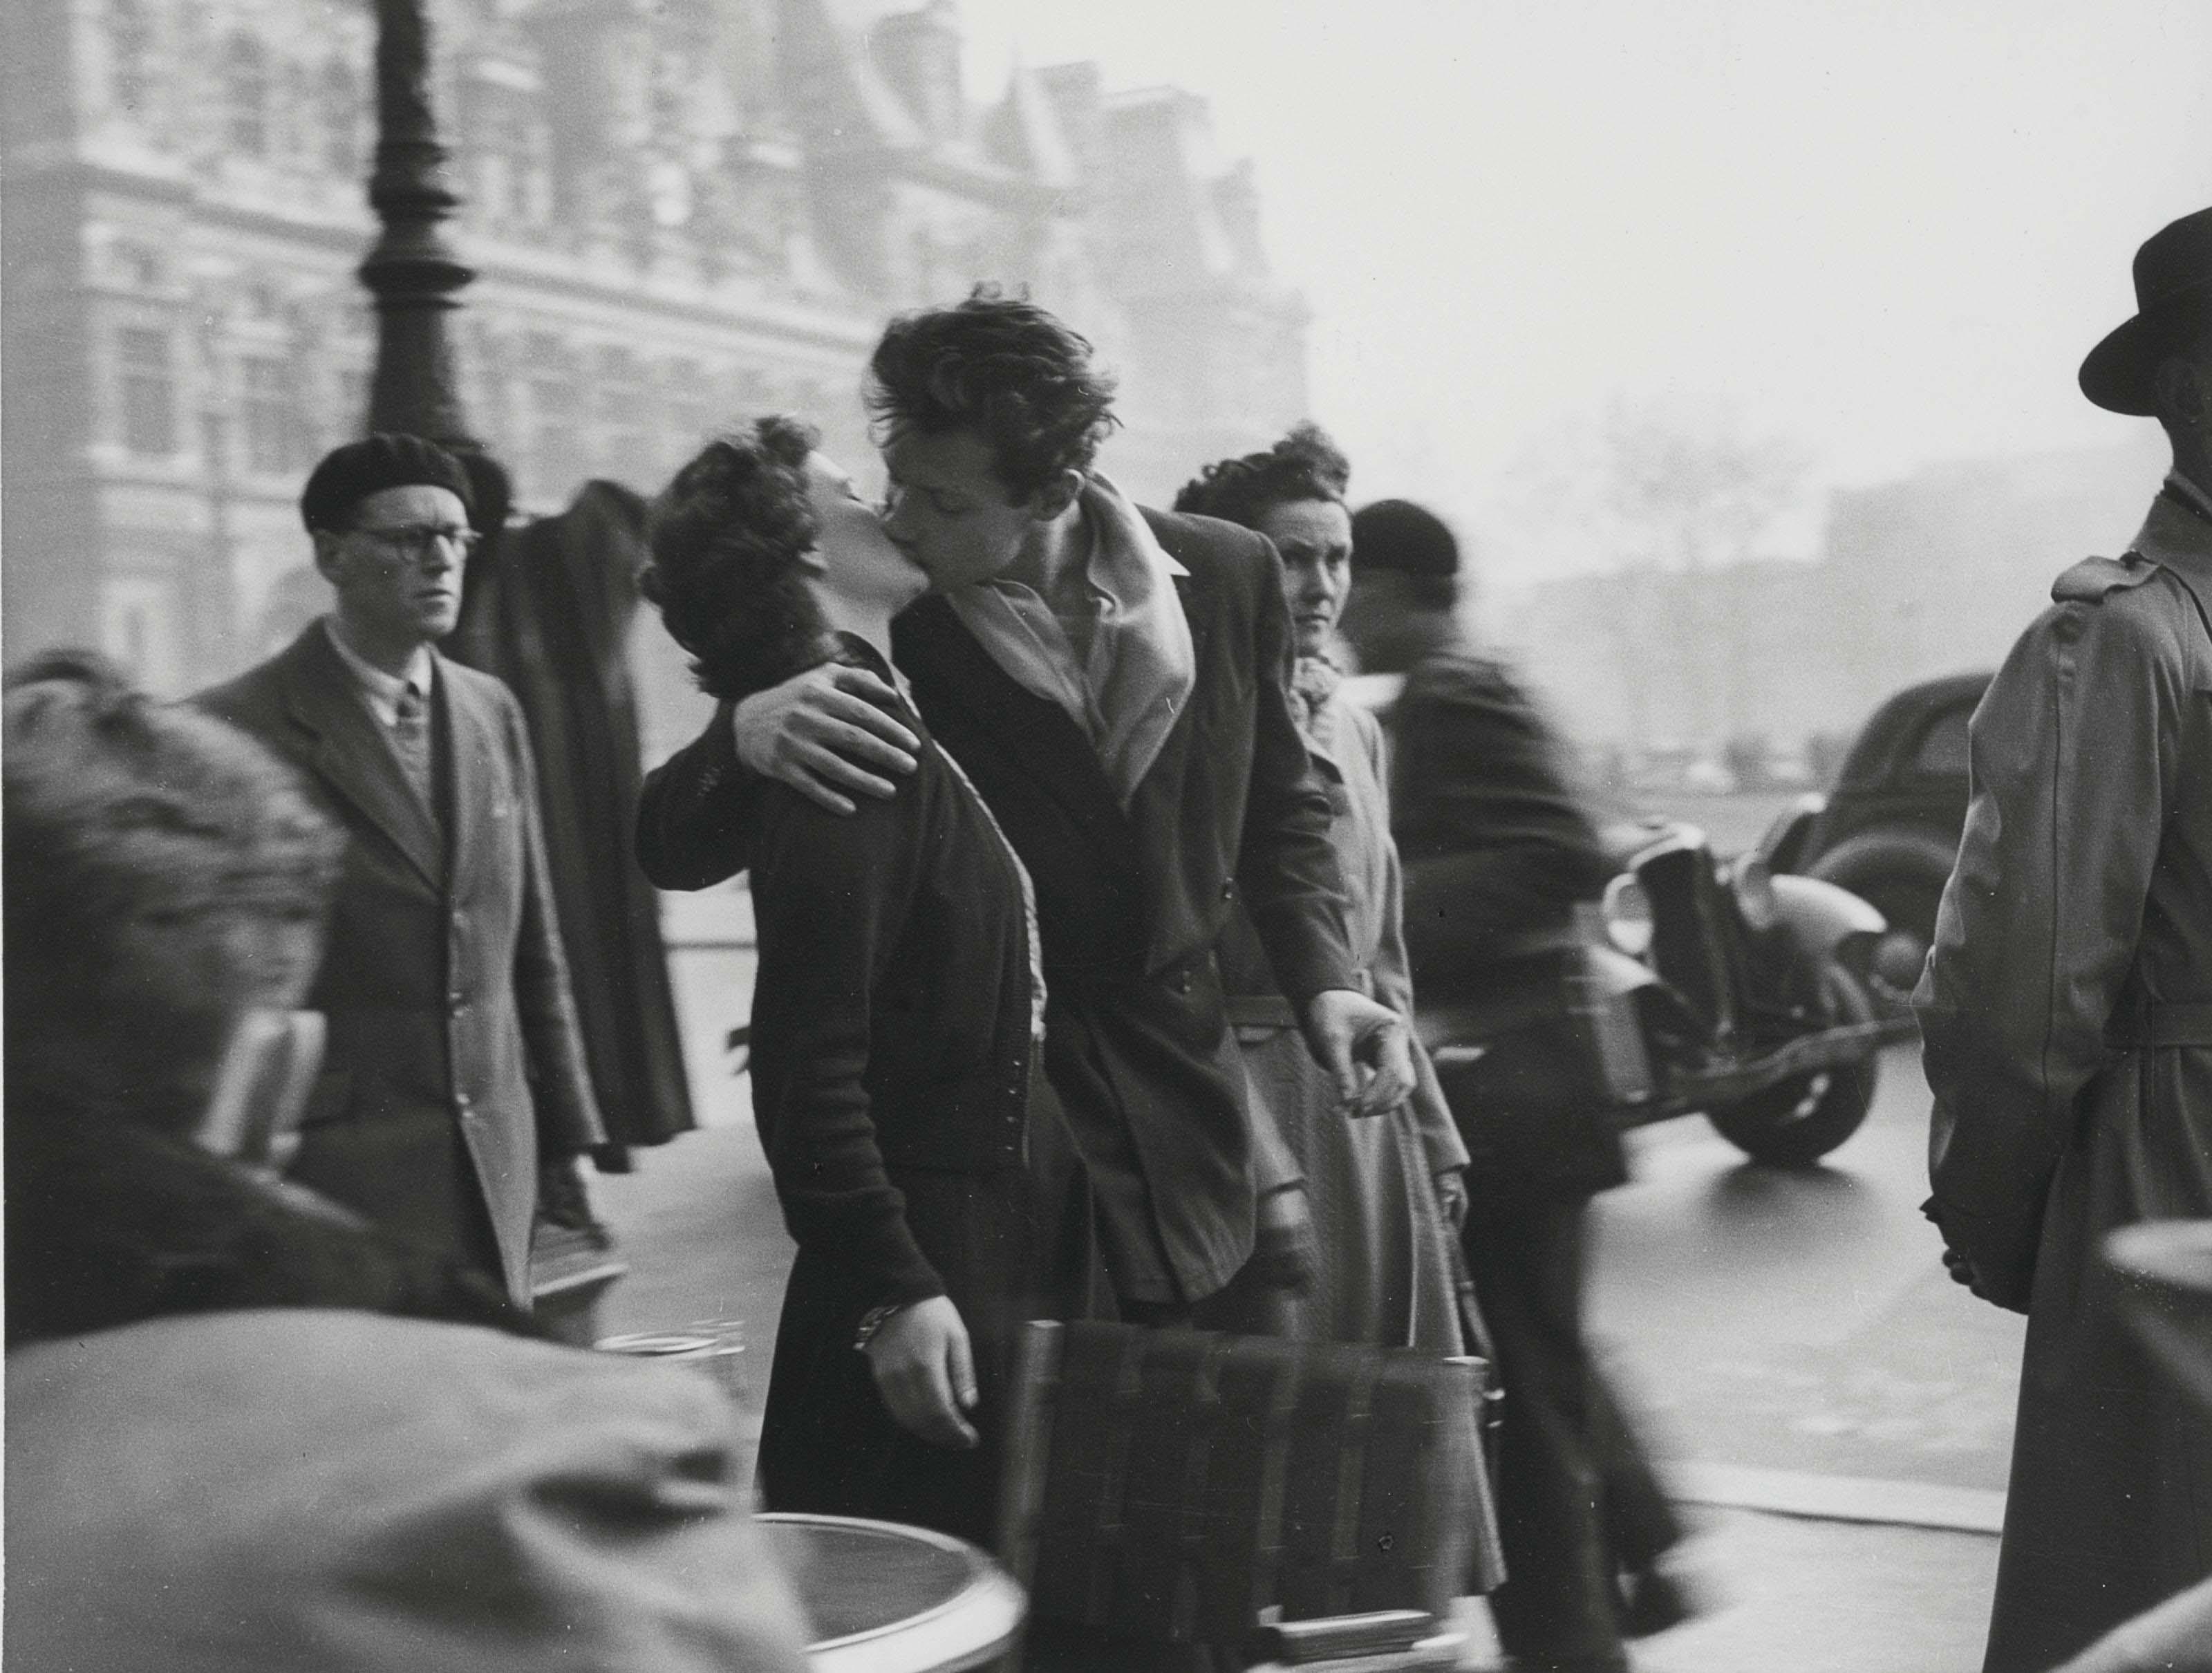 Le baiser de l'Hôtel de Ville, 1950